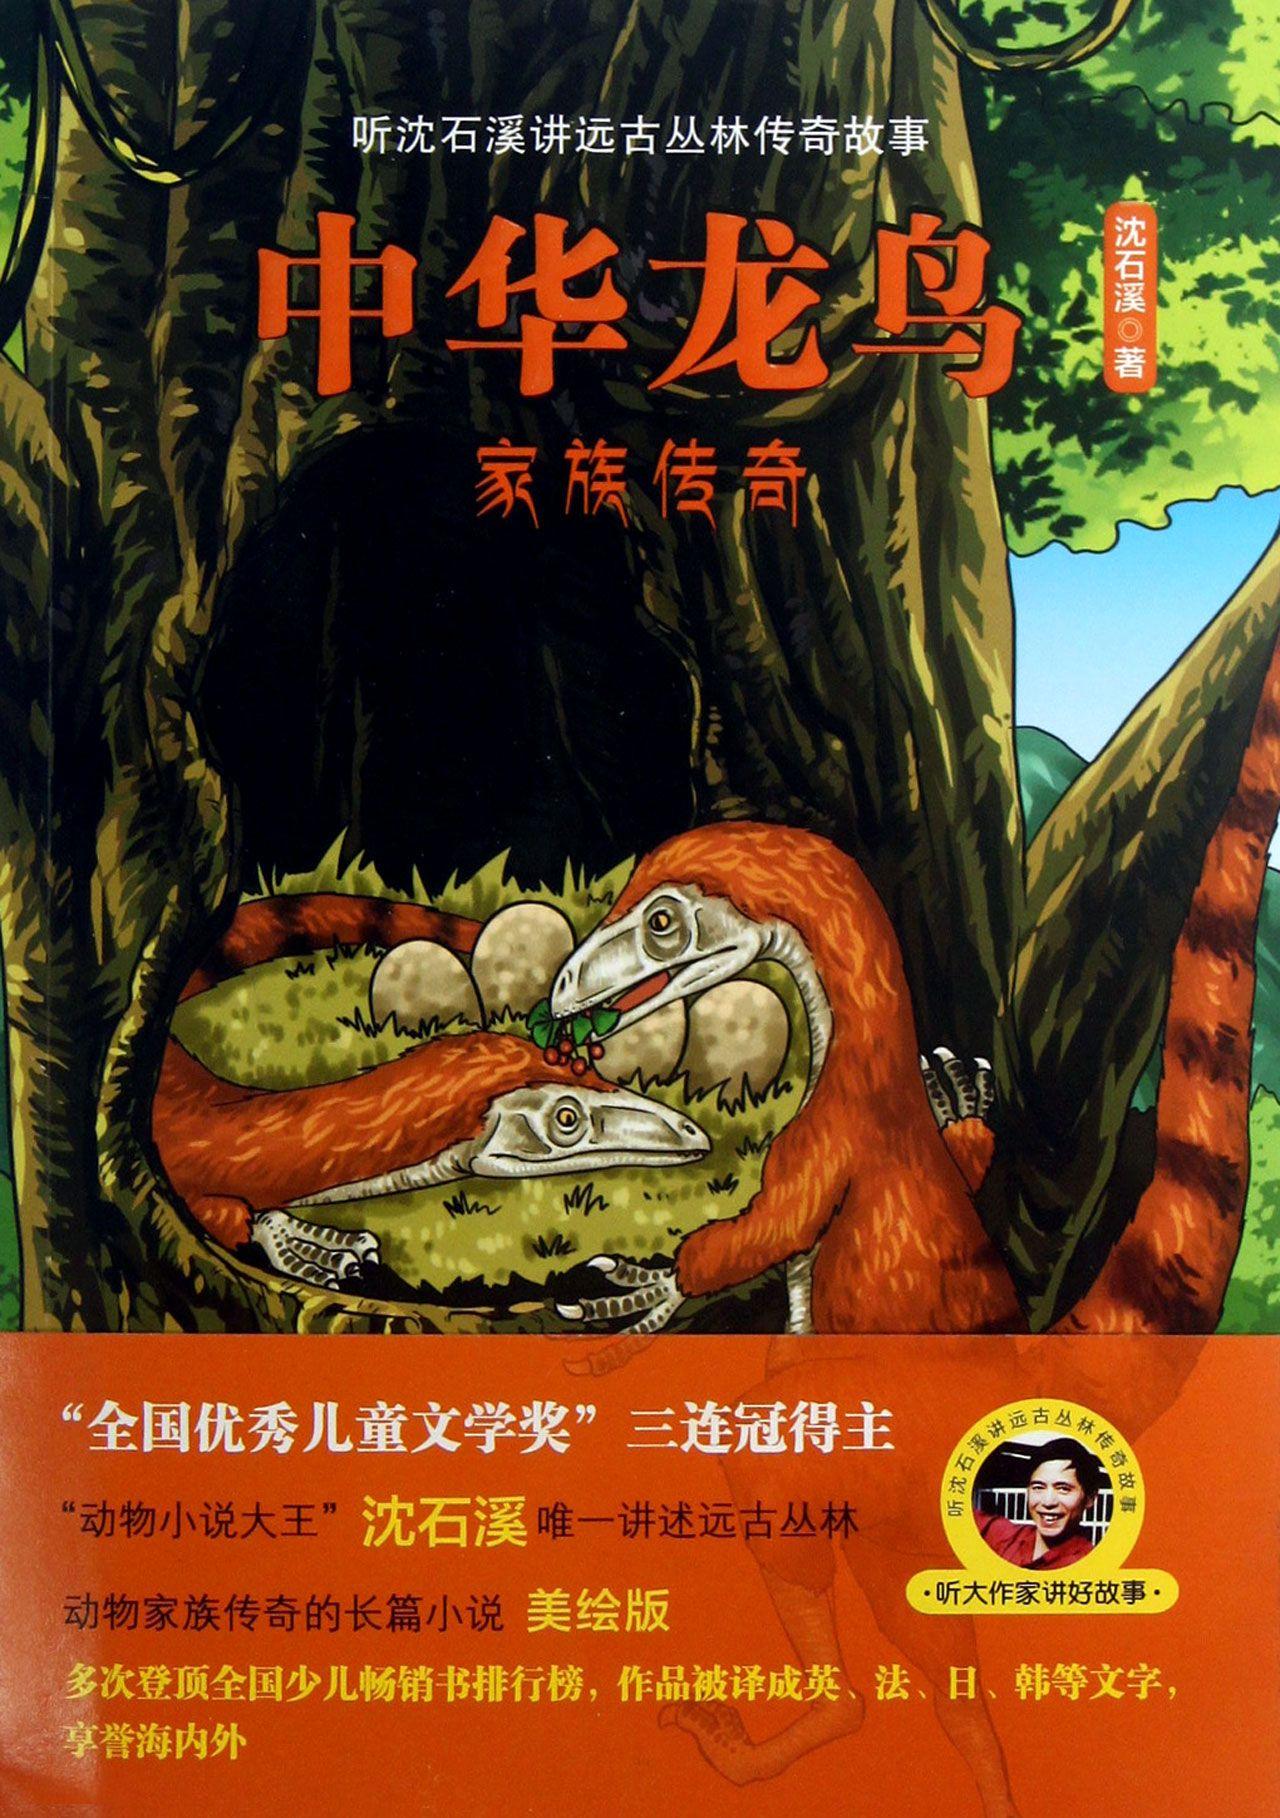 中华龙鸟家族传奇/听沈石溪讲远古丛林传奇故事